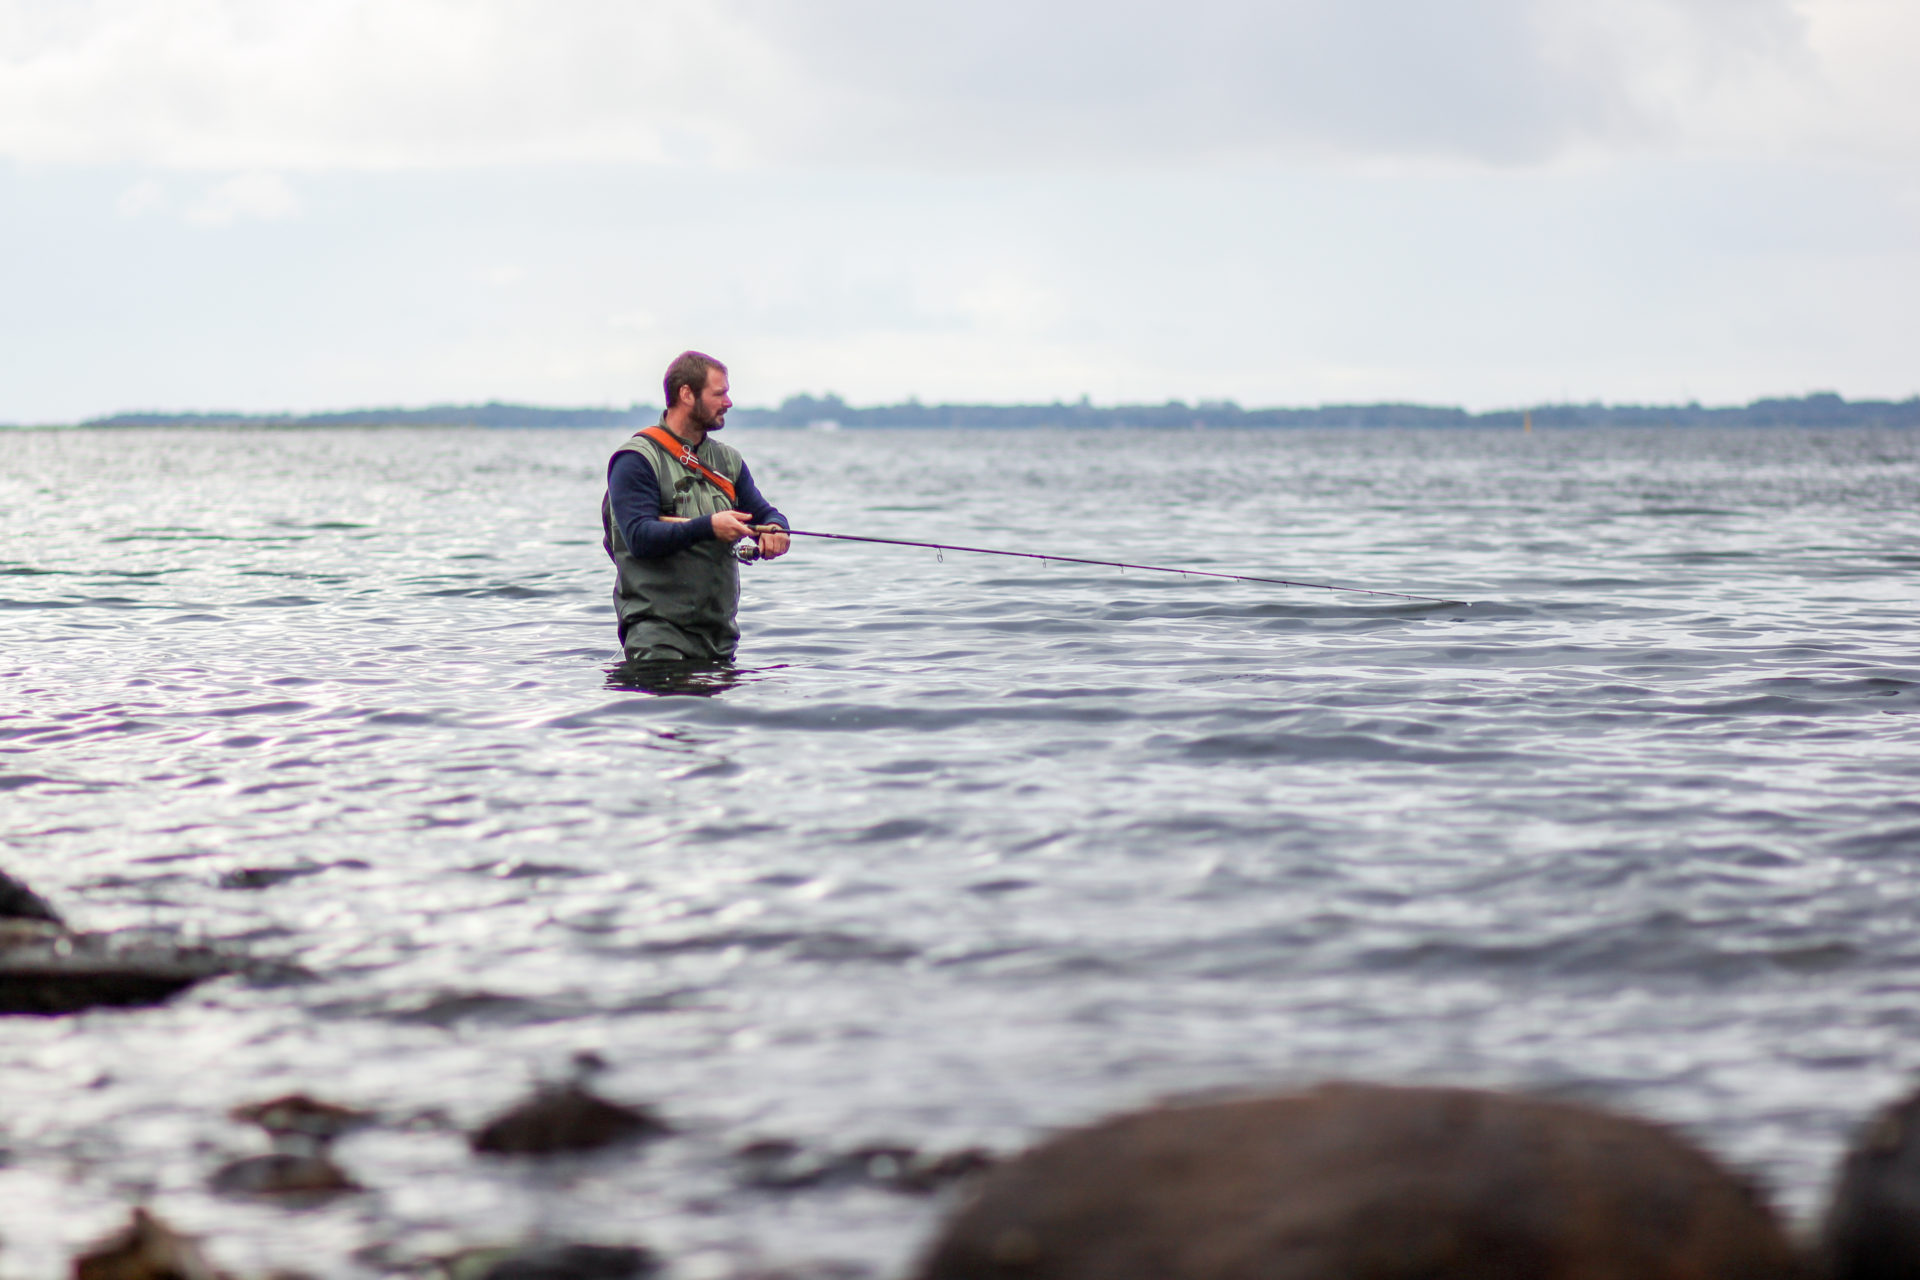 Der er regler for lystfiskeri i Limfjorden. Læs om dem her.